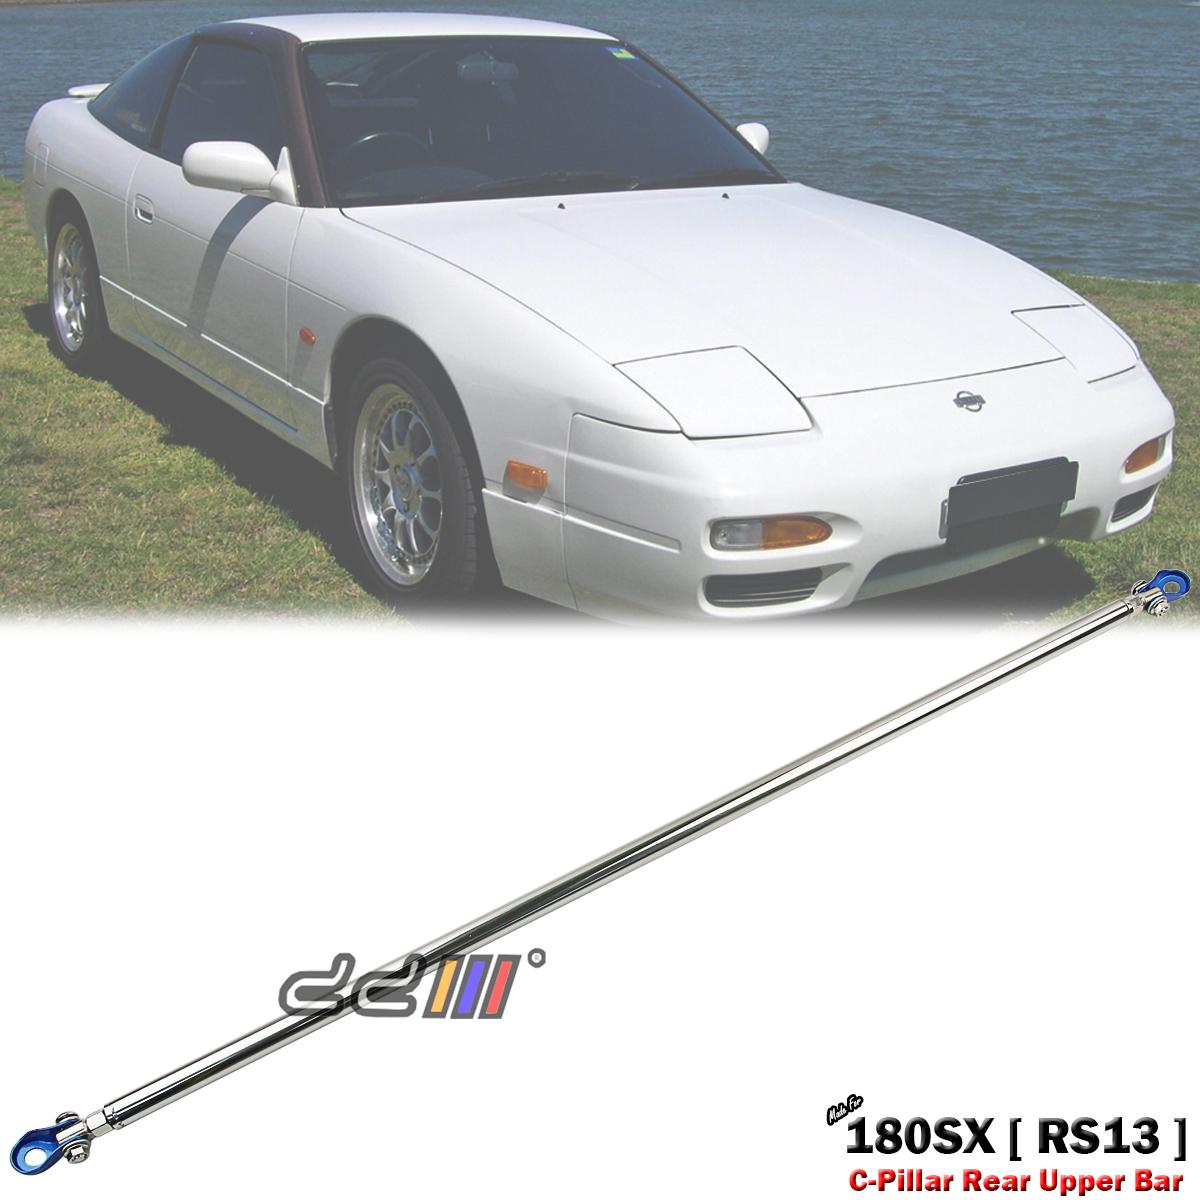 For Nissan 240SX S14 Silvia Aluminum Jdm Sport Rear Upper C-Pillar Bar Strut Brace Tower Frame Bar Blue